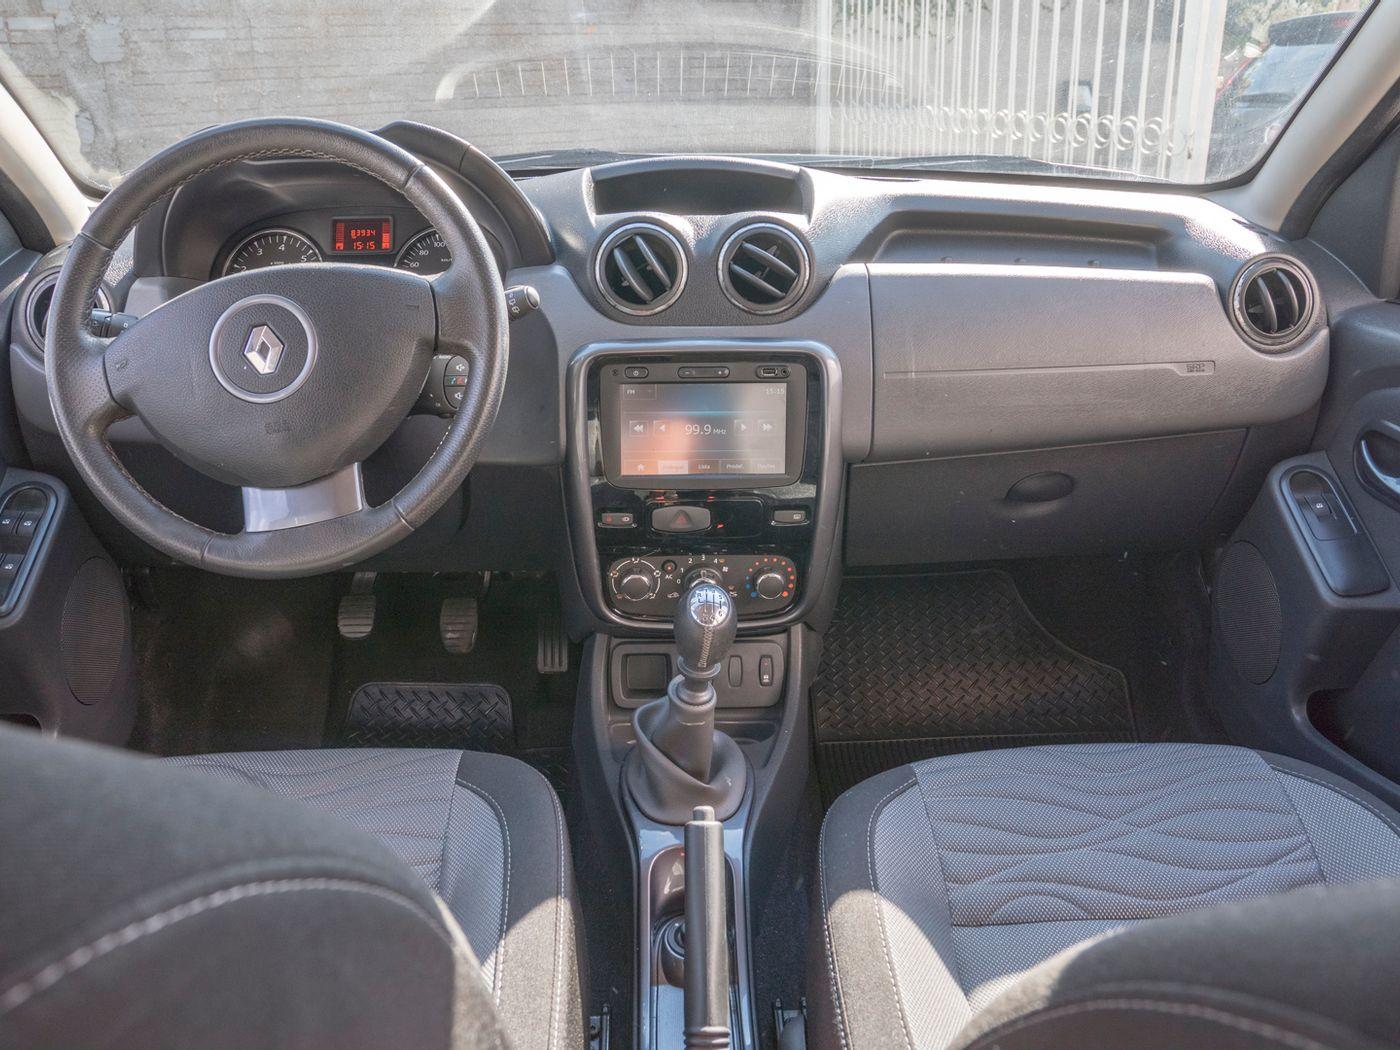 Renault DUSTER Dynamique 2.0 Hi-Flex 16V Mec.